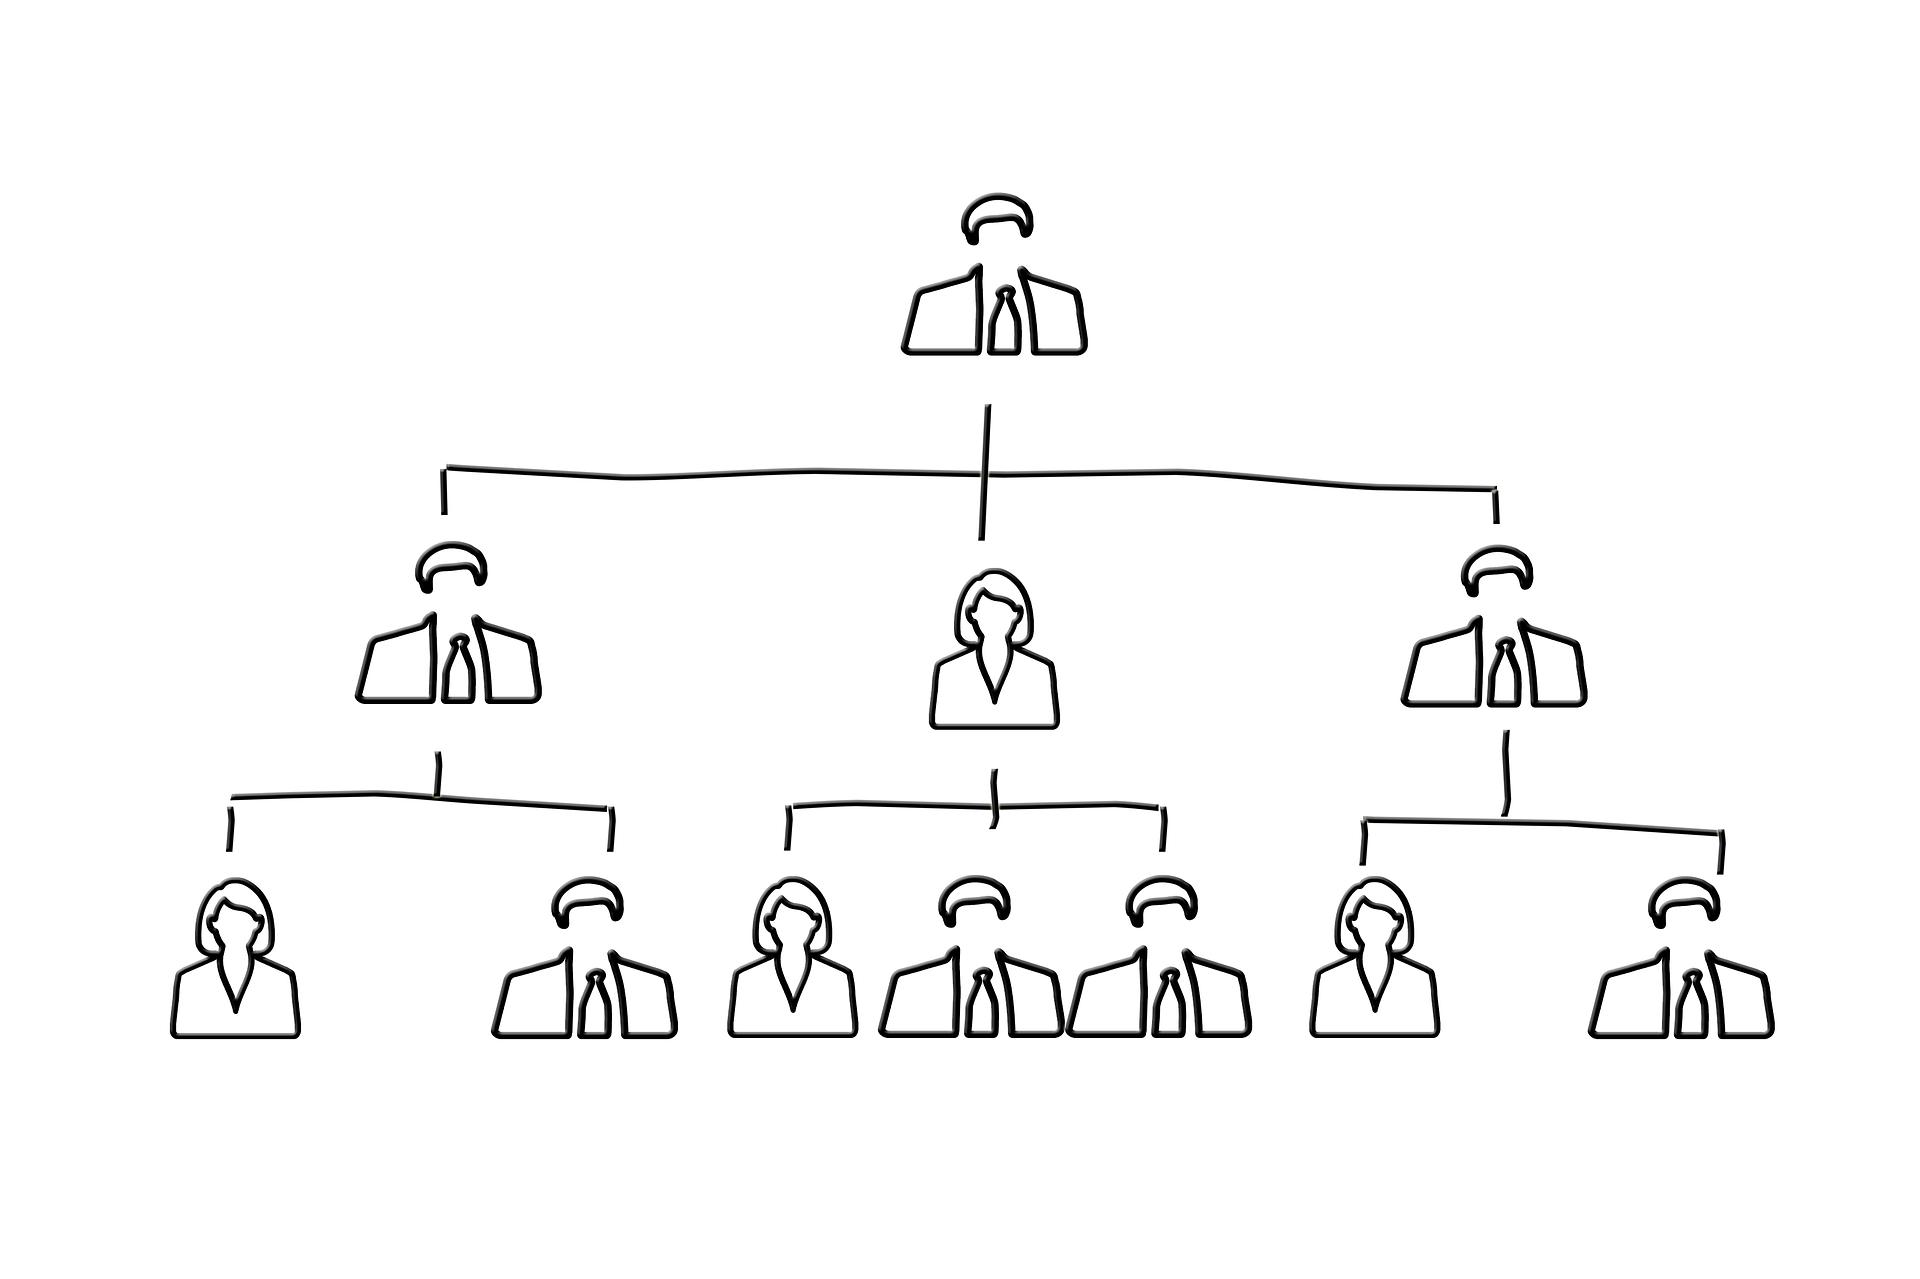 ピラミッド型組織図の例